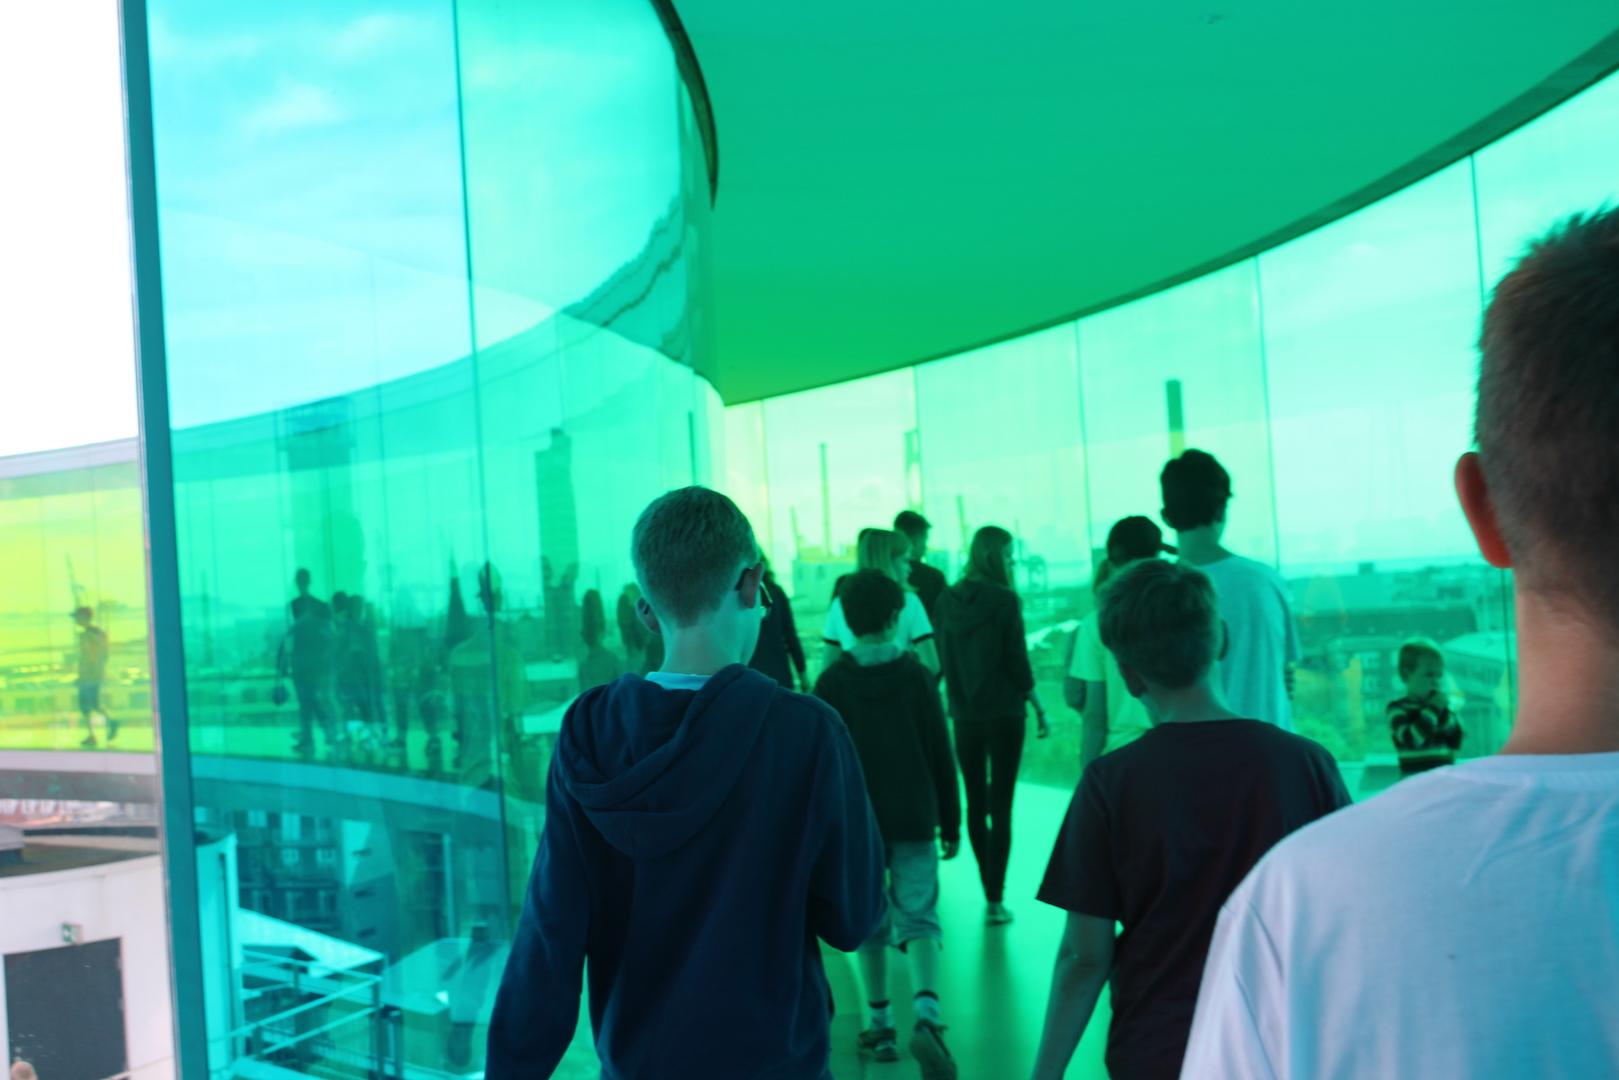 Rundgang in der Aussichtsplattform des Kunstmuseums Aarhus